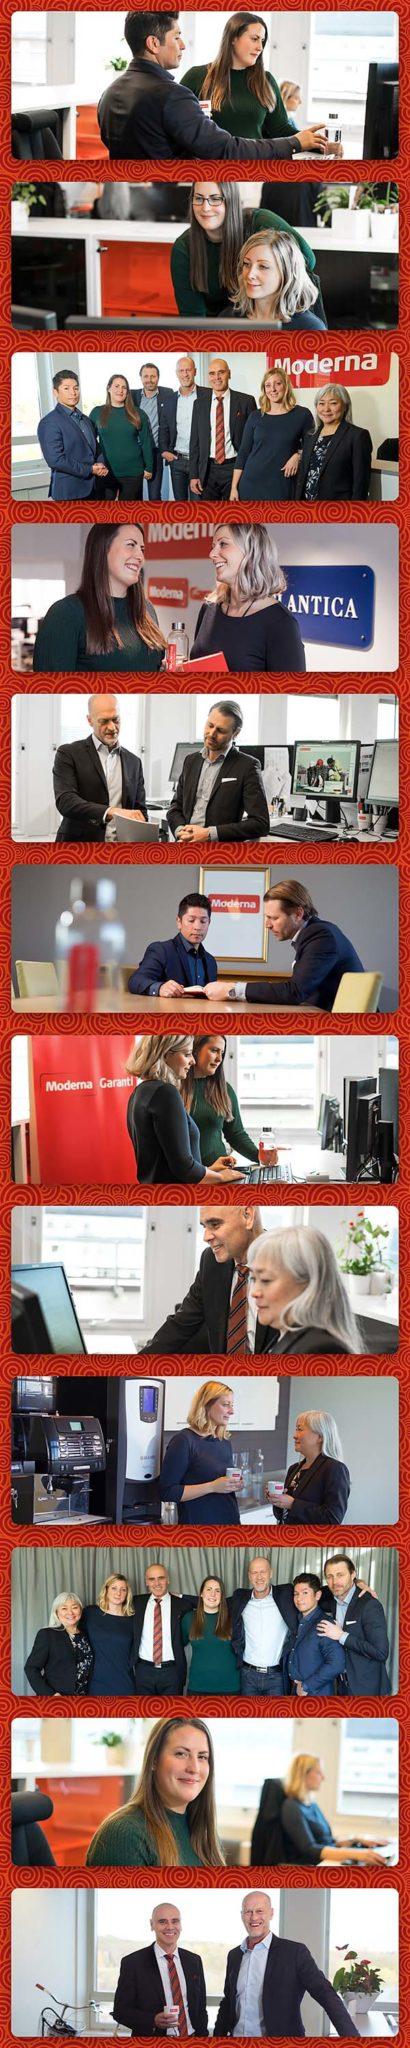 personliga företagsbilder till blogg och hemsida